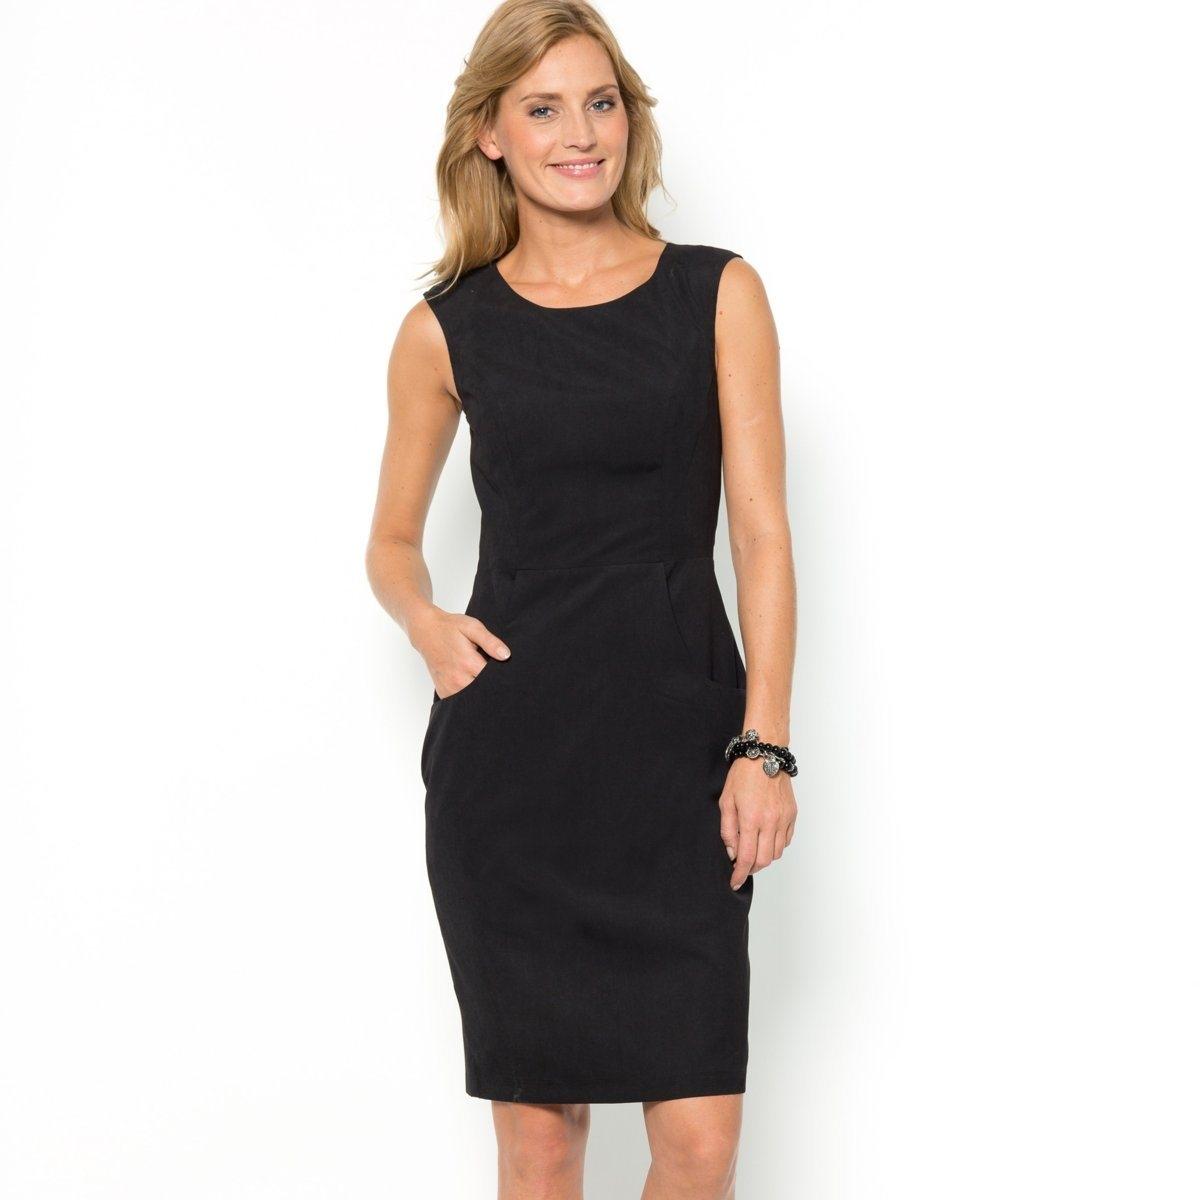 Платье ANNE WEYBURNЭлегантный покрой без рукавов. Закругленные карманы. Длина 95 см. Подкладка из полиэстера. Бархатистая ткань, 90% полиэстера, 10% полиамида.<br><br>Цвет: черный<br>Размер: 40 (FR) - 46 (RUS).48 (FR) - 54 (RUS)